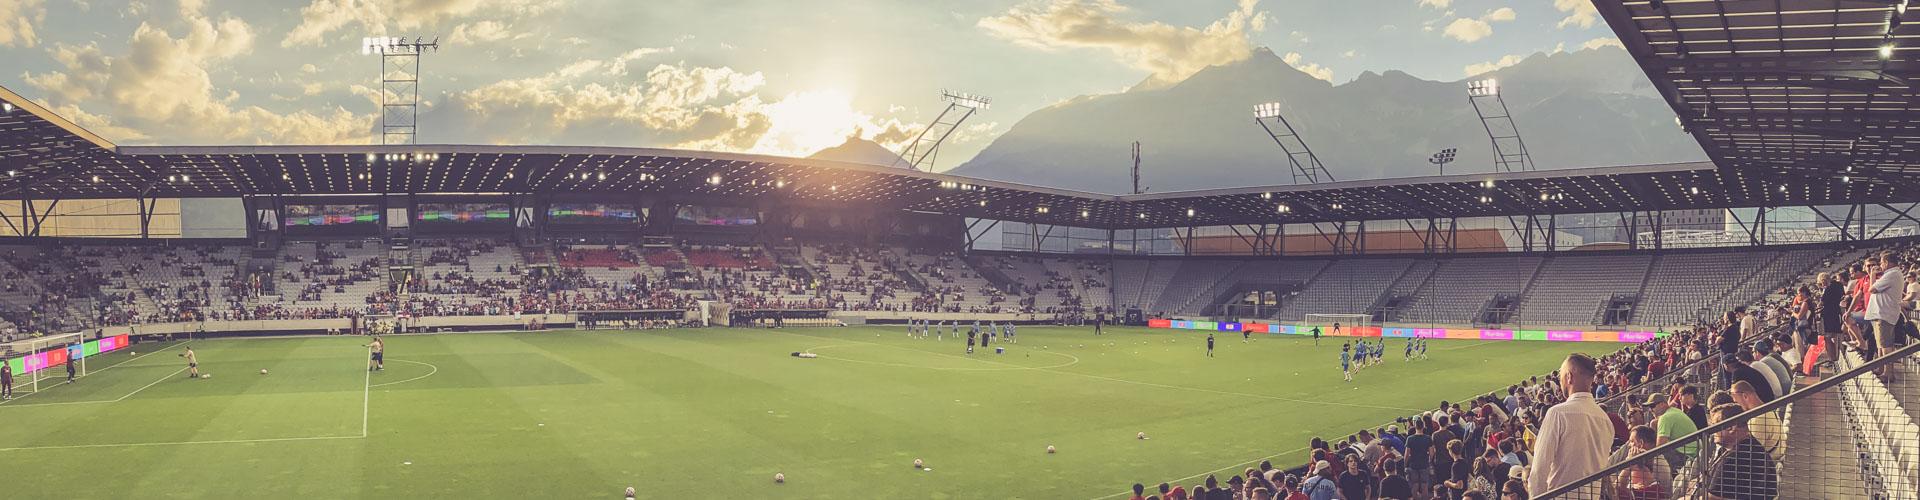 Tivoli Stadion Tirol, Innsbruck - Panorama